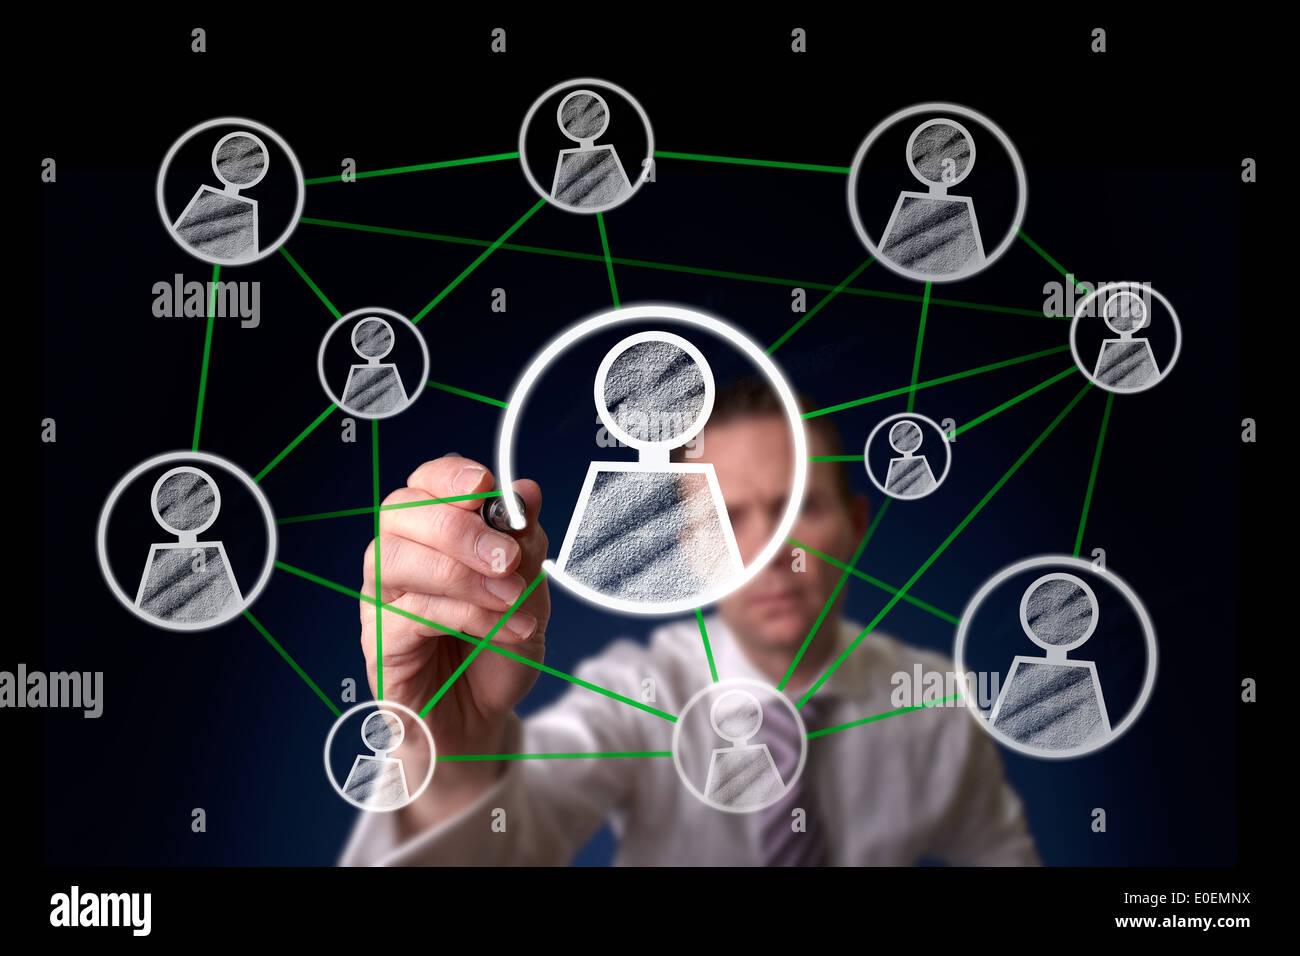 Ein Mann, eine soziales Netzwerk-Struktur auf einem Bildschirm zu zeichnen. Stockbild